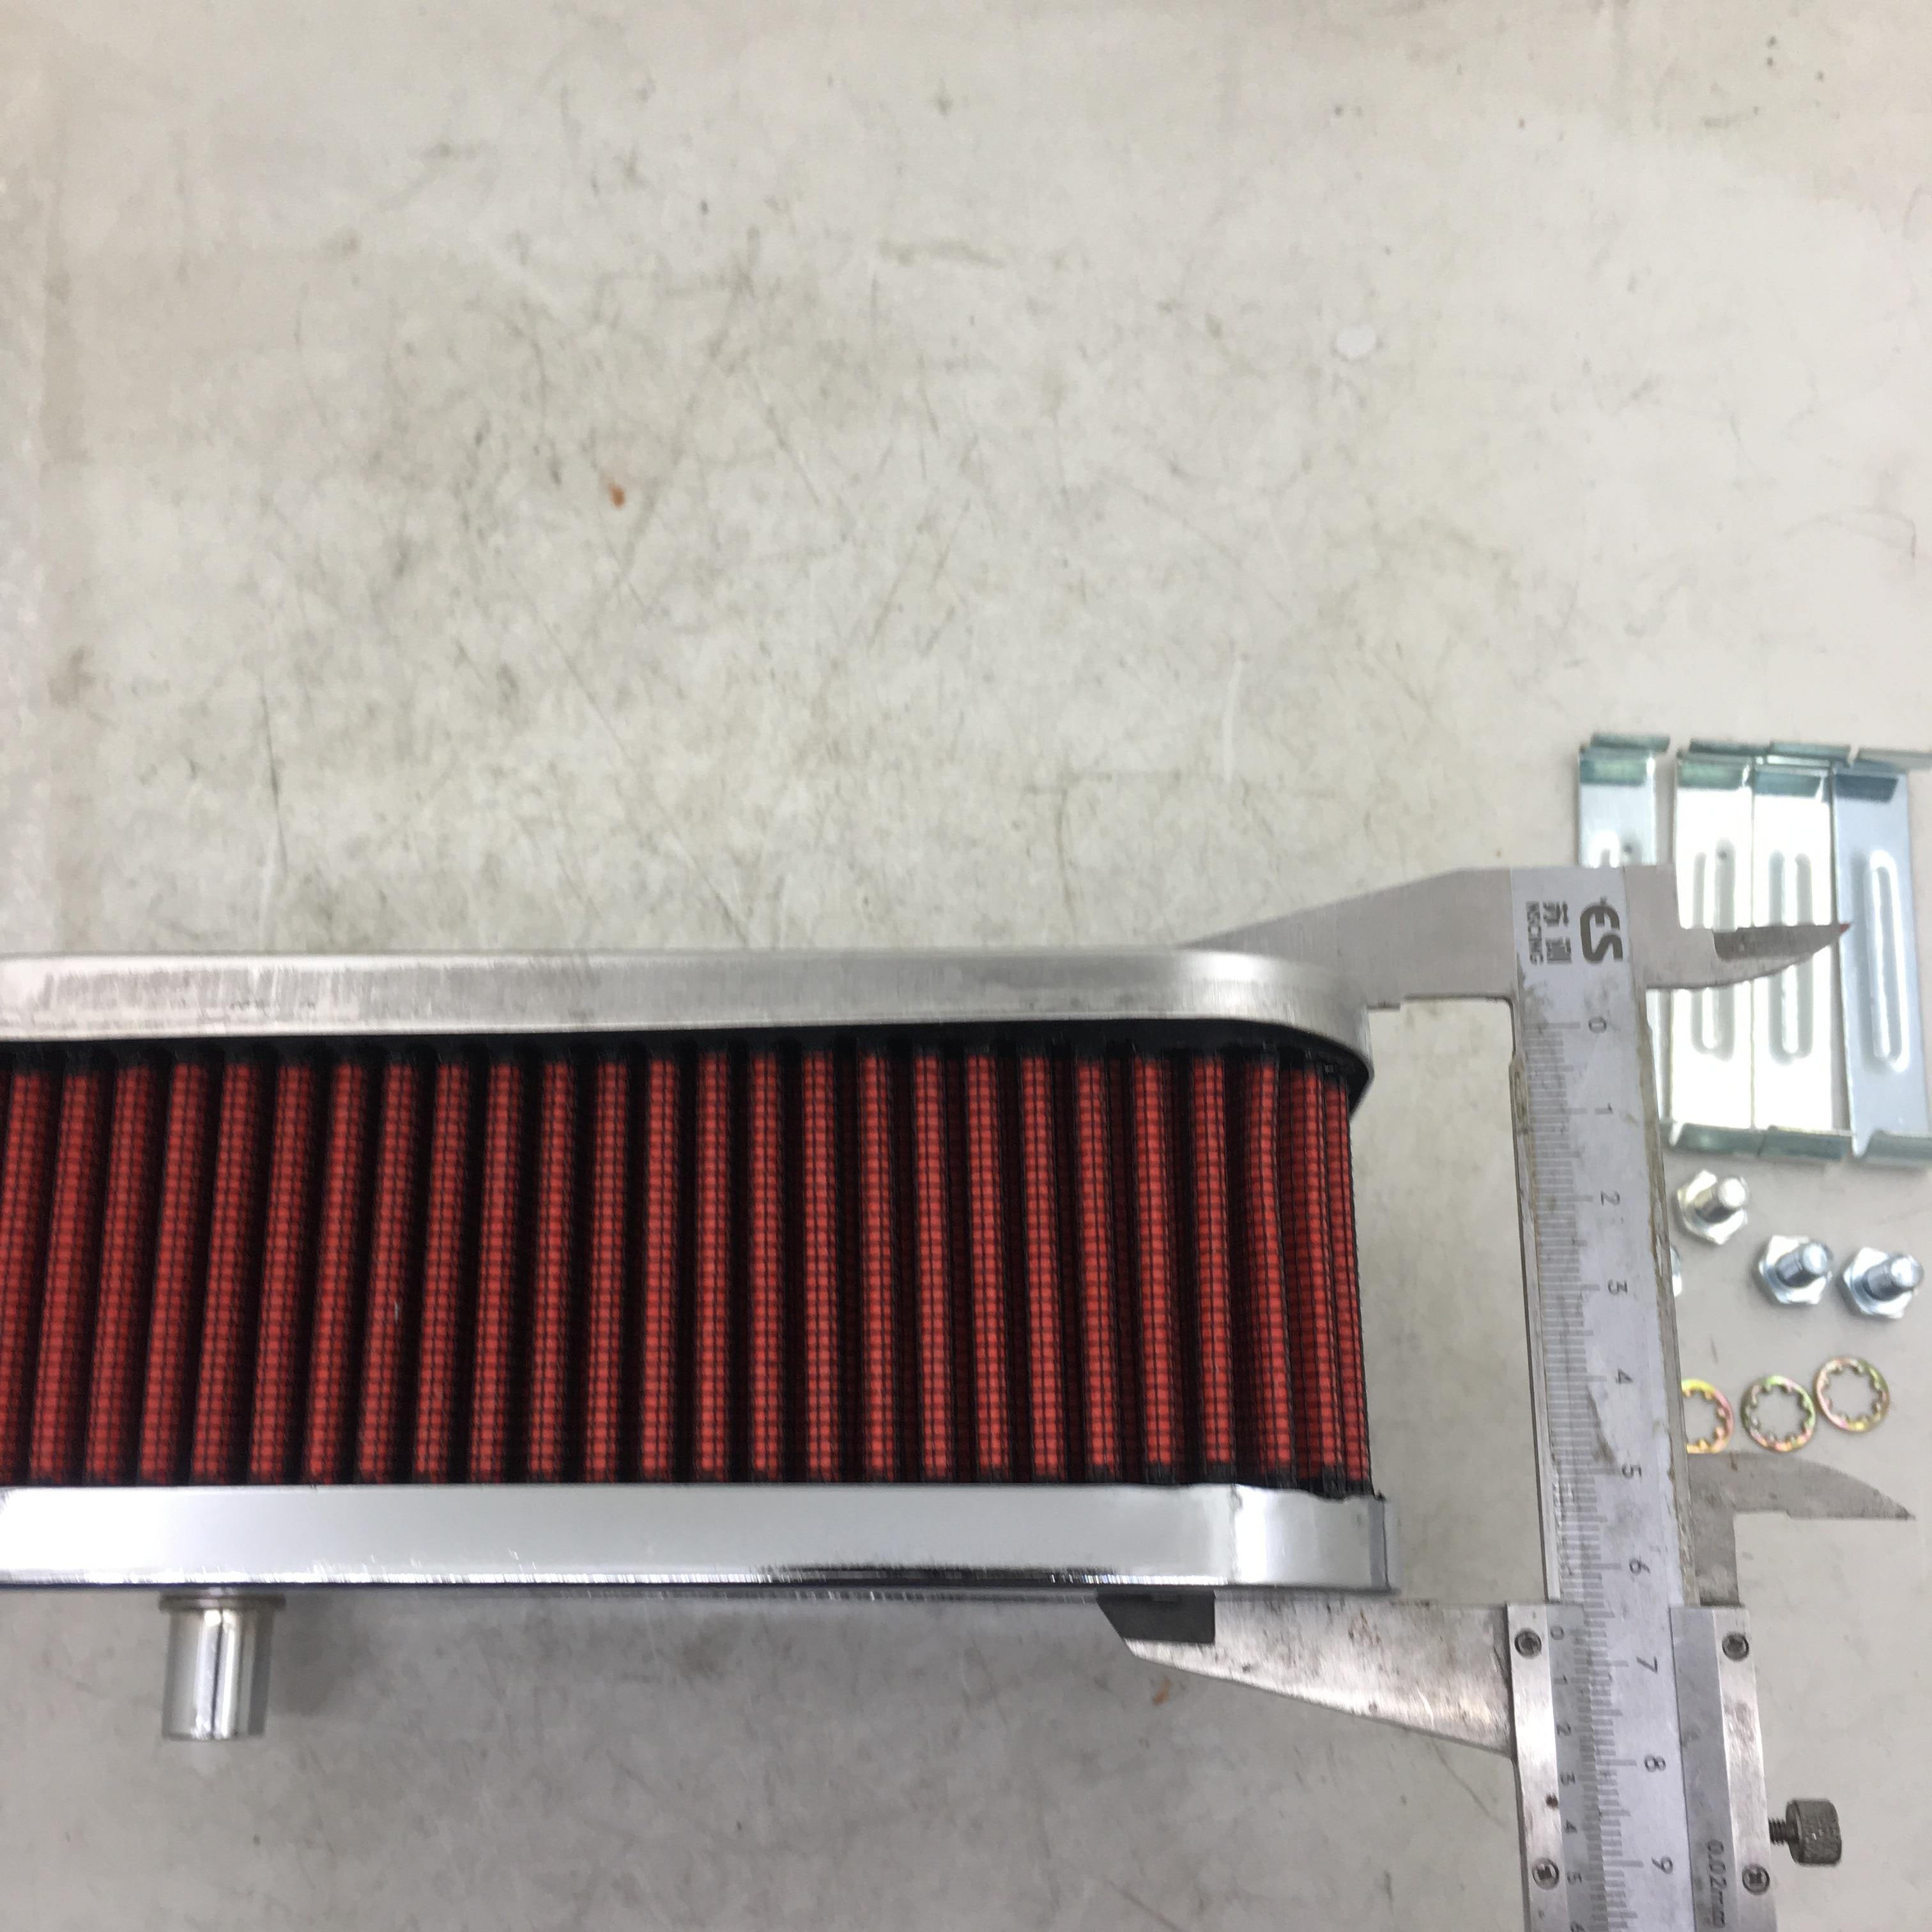 Kit de joint de réparation de carburateur SherryBerg kit de réparation de carburateur Bing 15mm 1/15/35 Husqvarna Ilo pour Puch MS VS MV DS VZ3 1 15 35